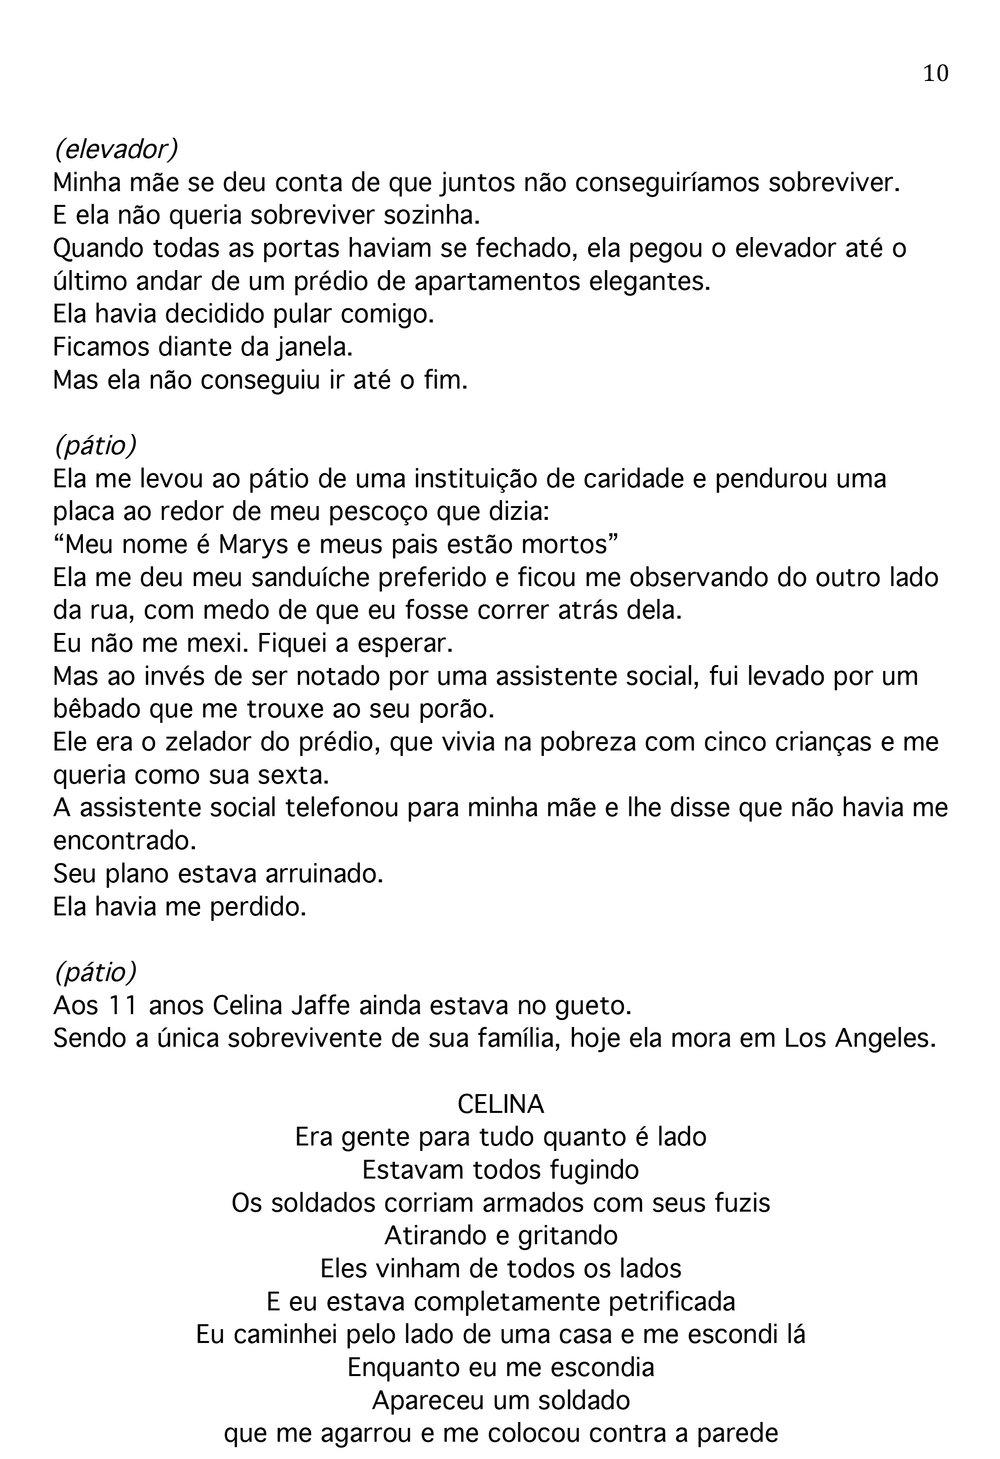 PORTUGUESE-SCRIPT-10.jpg